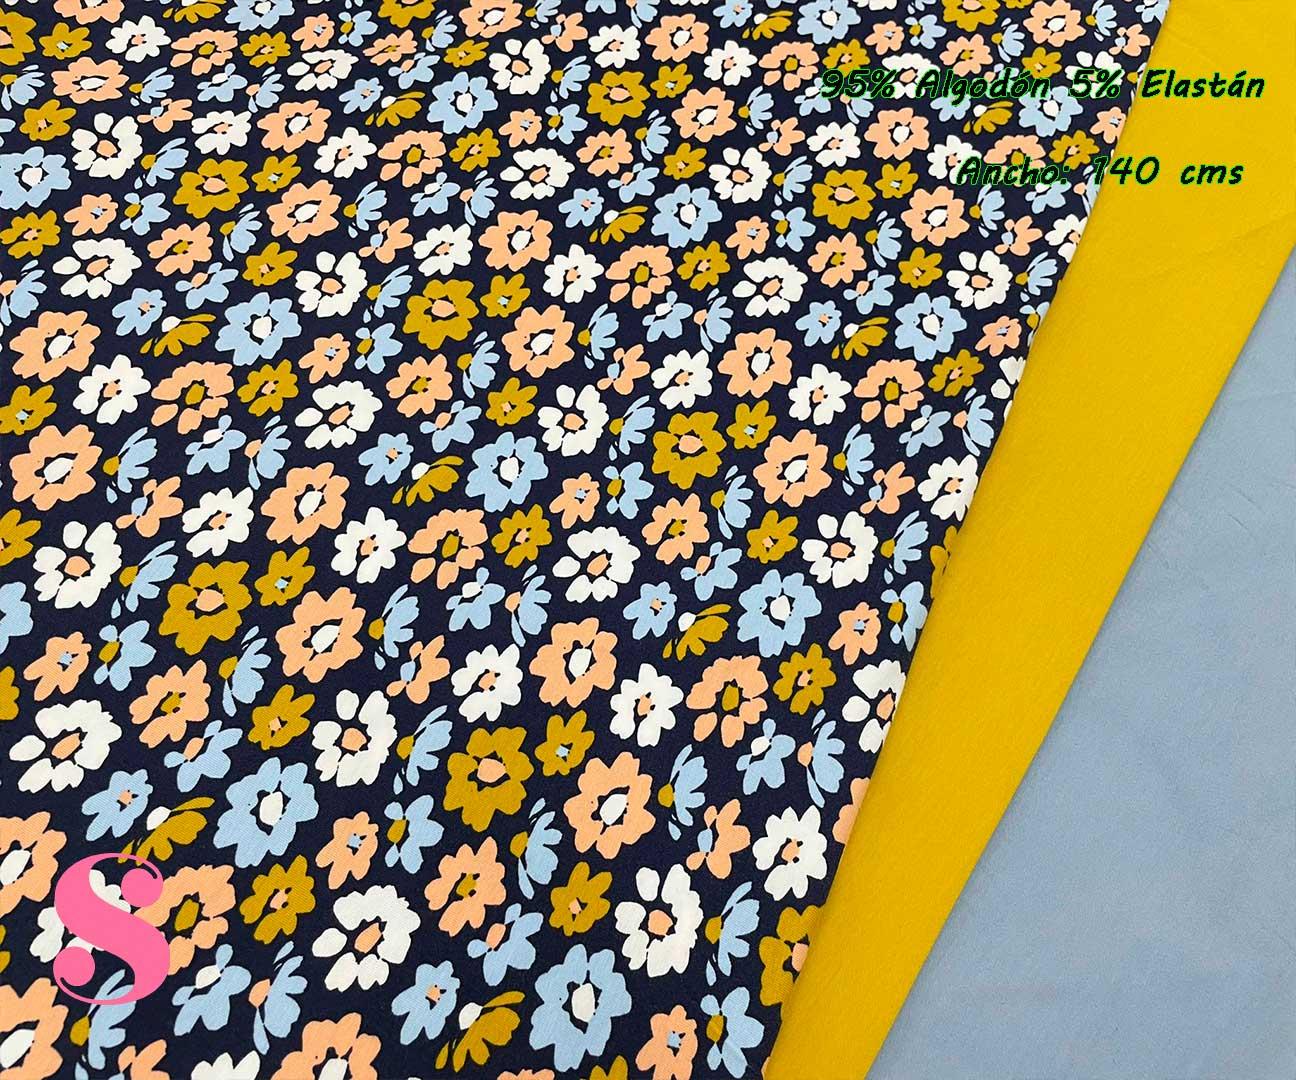 3-telas-de-punto,telas-estampadas-infantiles,tejidos-estampados-para-sudaderas,telas-para-confeccionar-ropa-infantil,Punto Camiseta Jersey Estampado Margaritas Fondo Marino